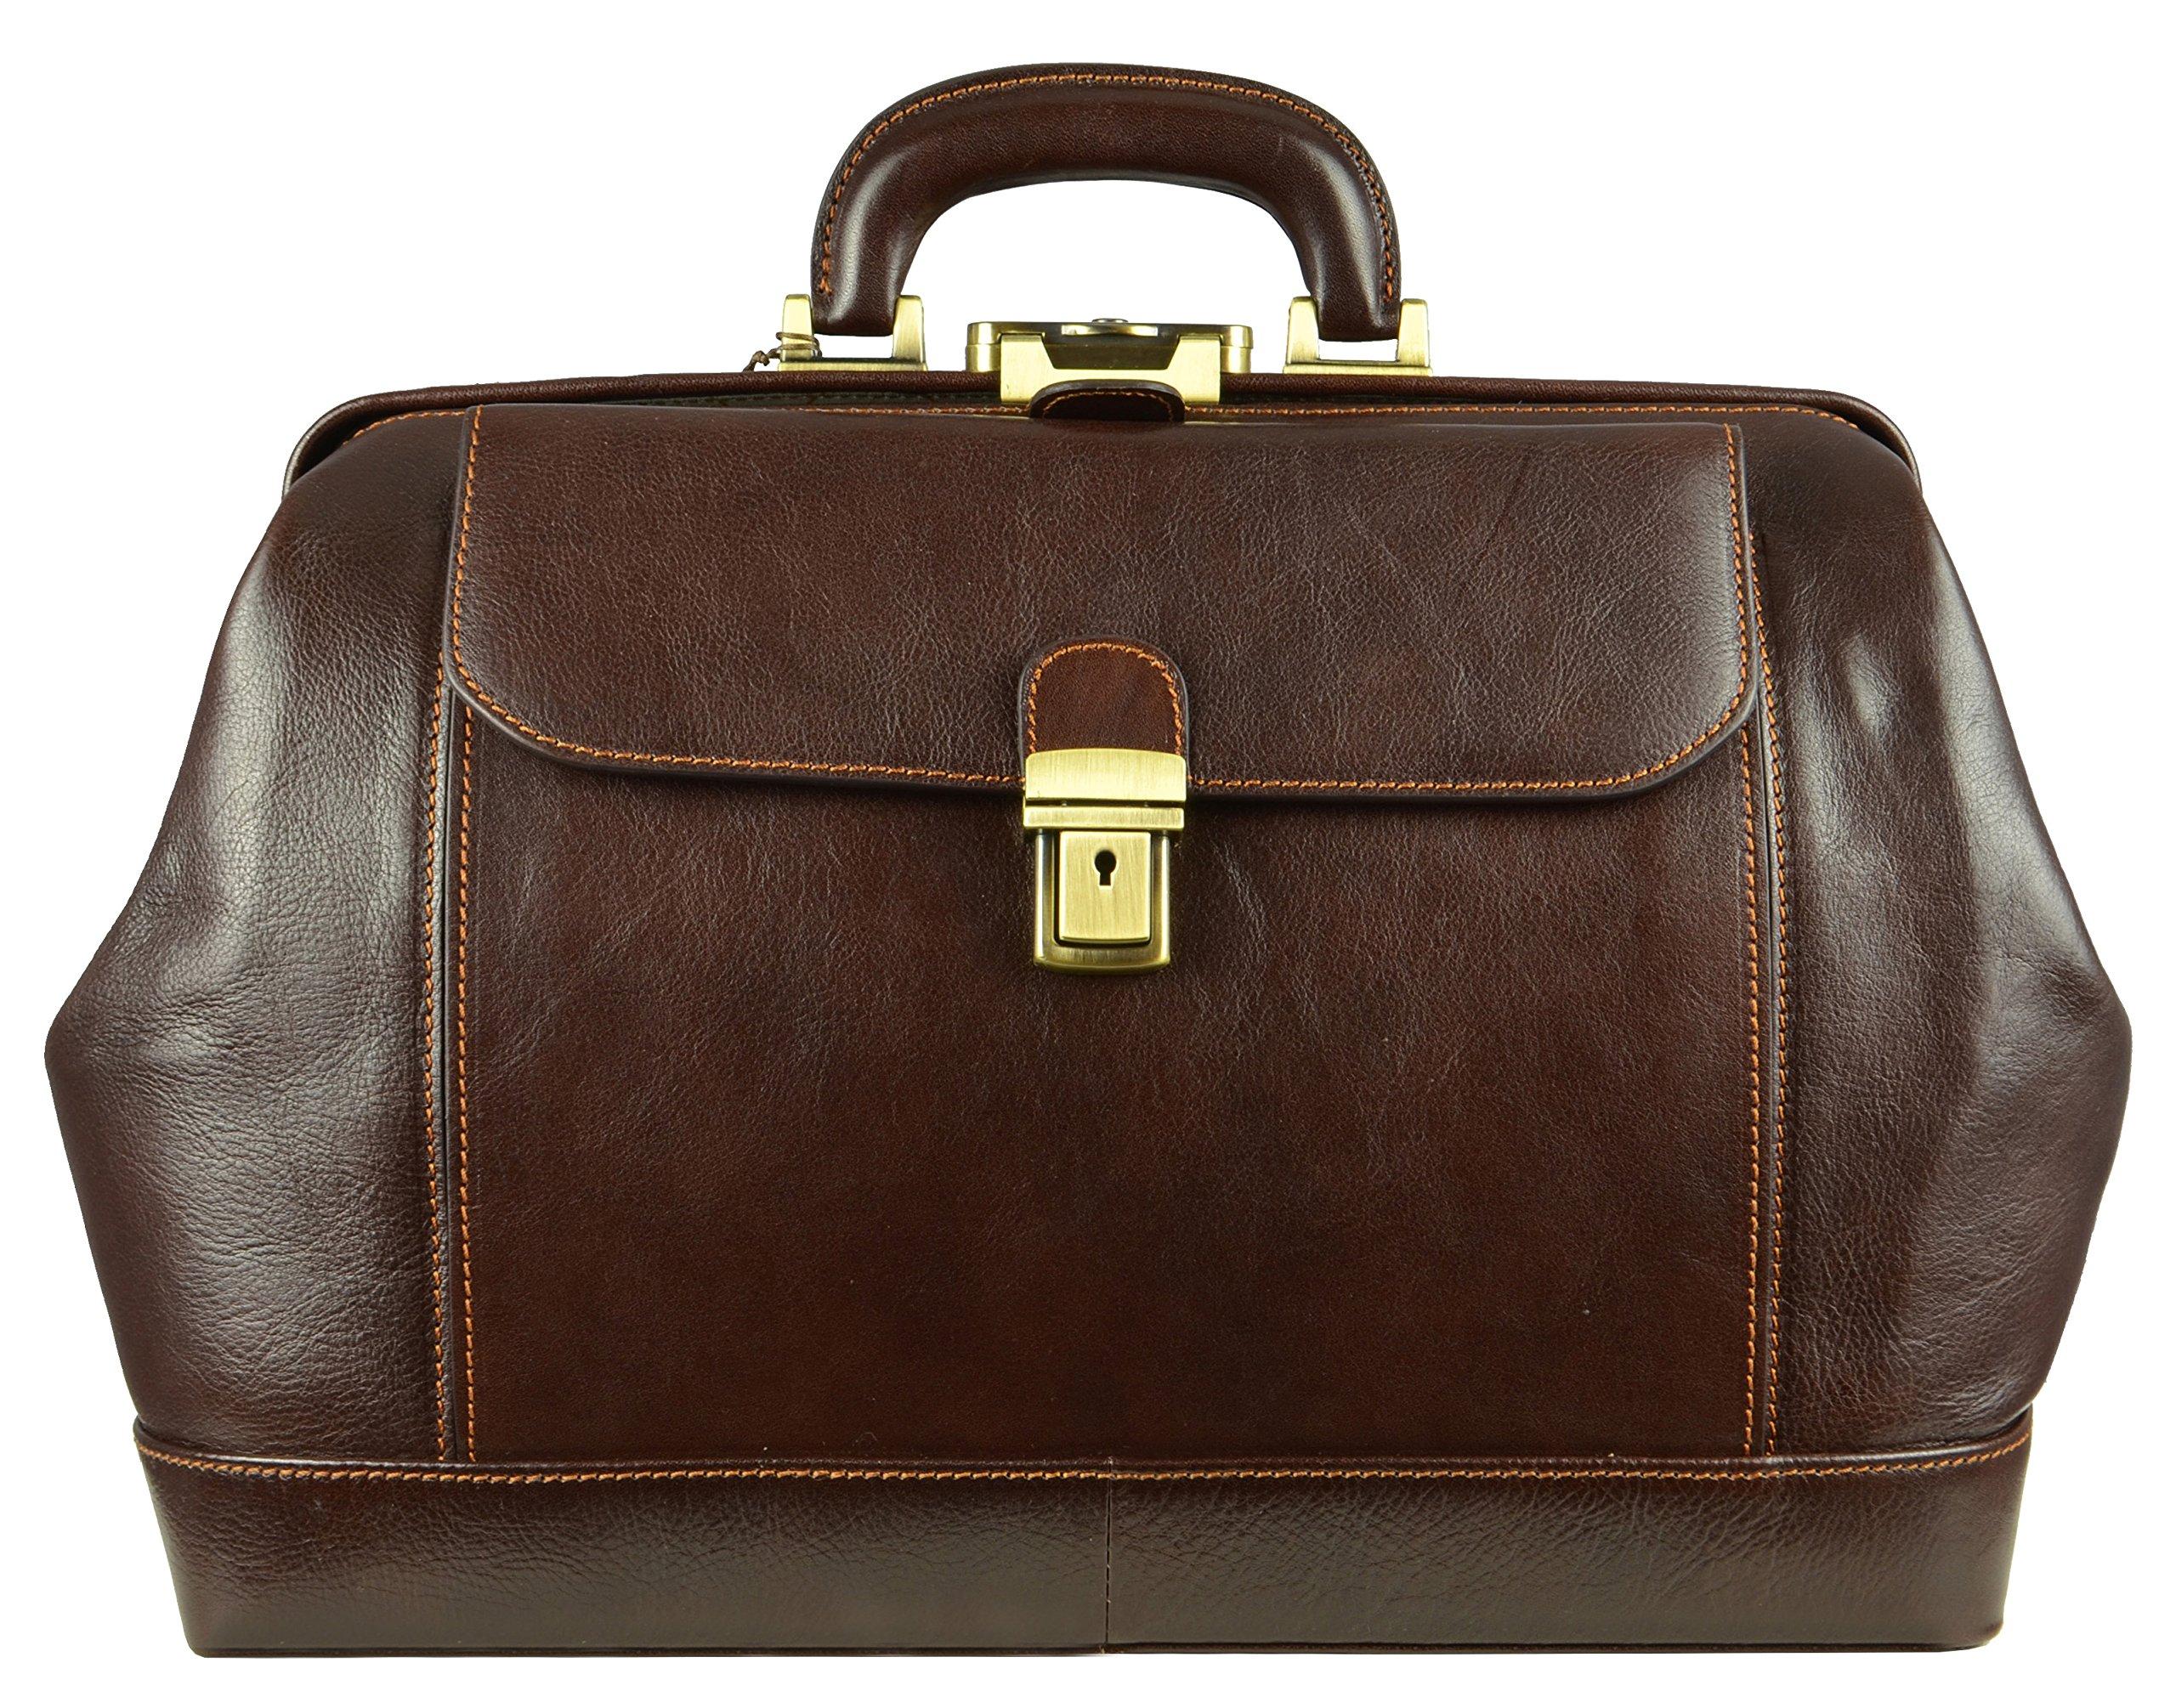 Leather Doctor Bag, Medical Bag, Satchel Vintage style Doctor Bag, Brown - Time Resistance